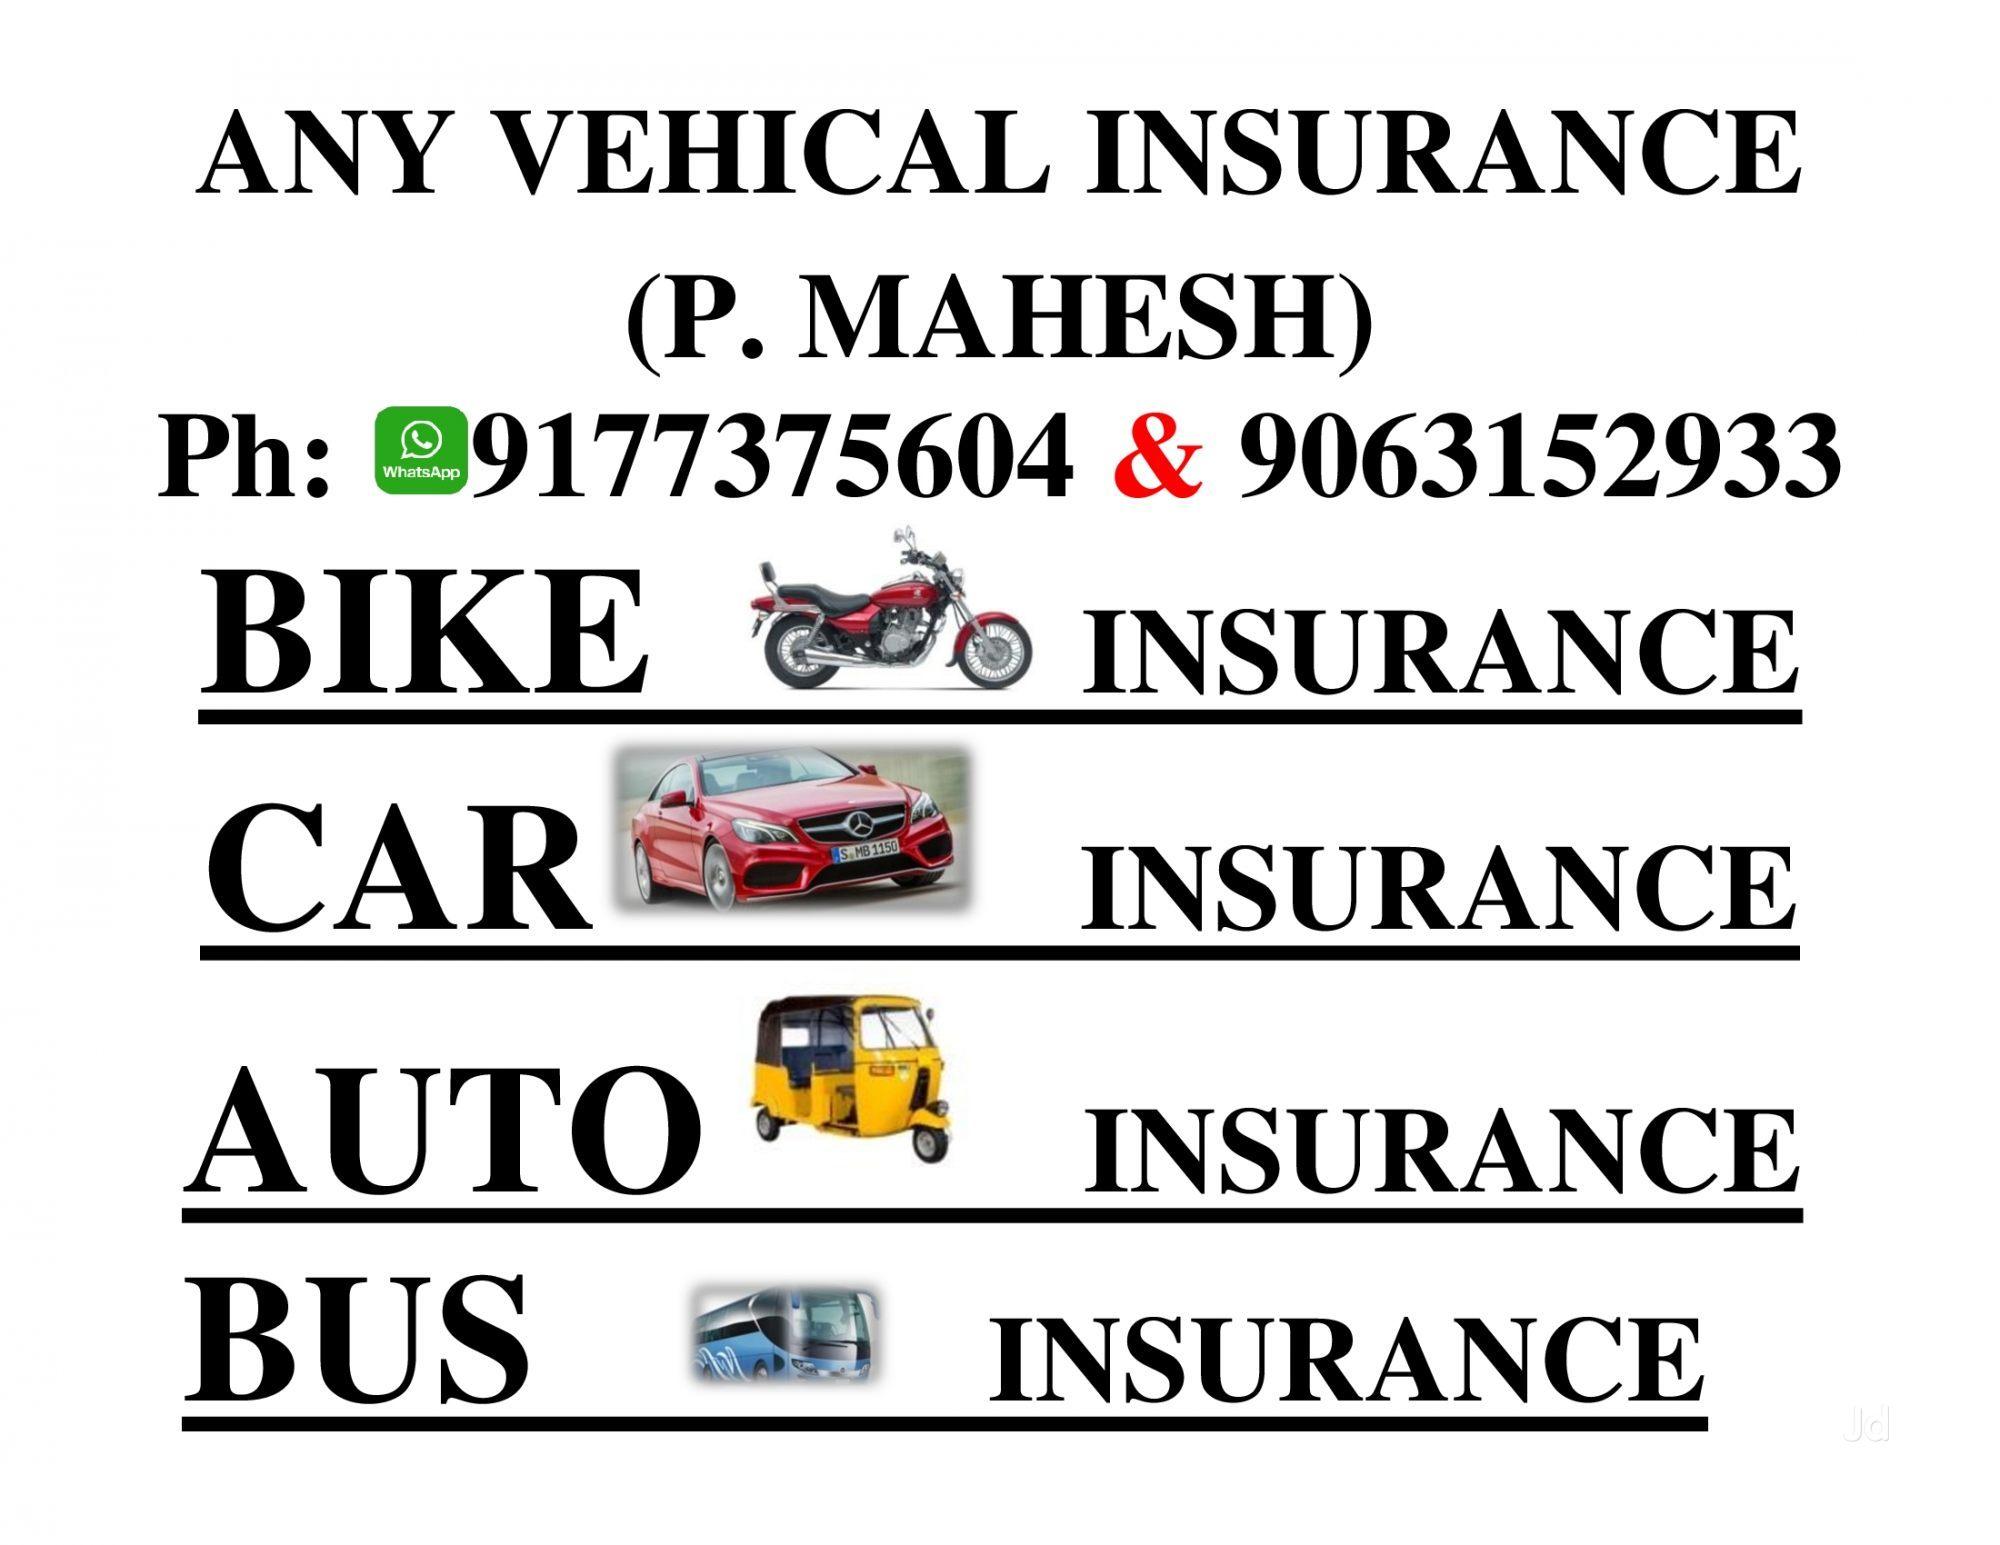 Royal Sundaram General Insurance Co Ltd Siripuram Insurance